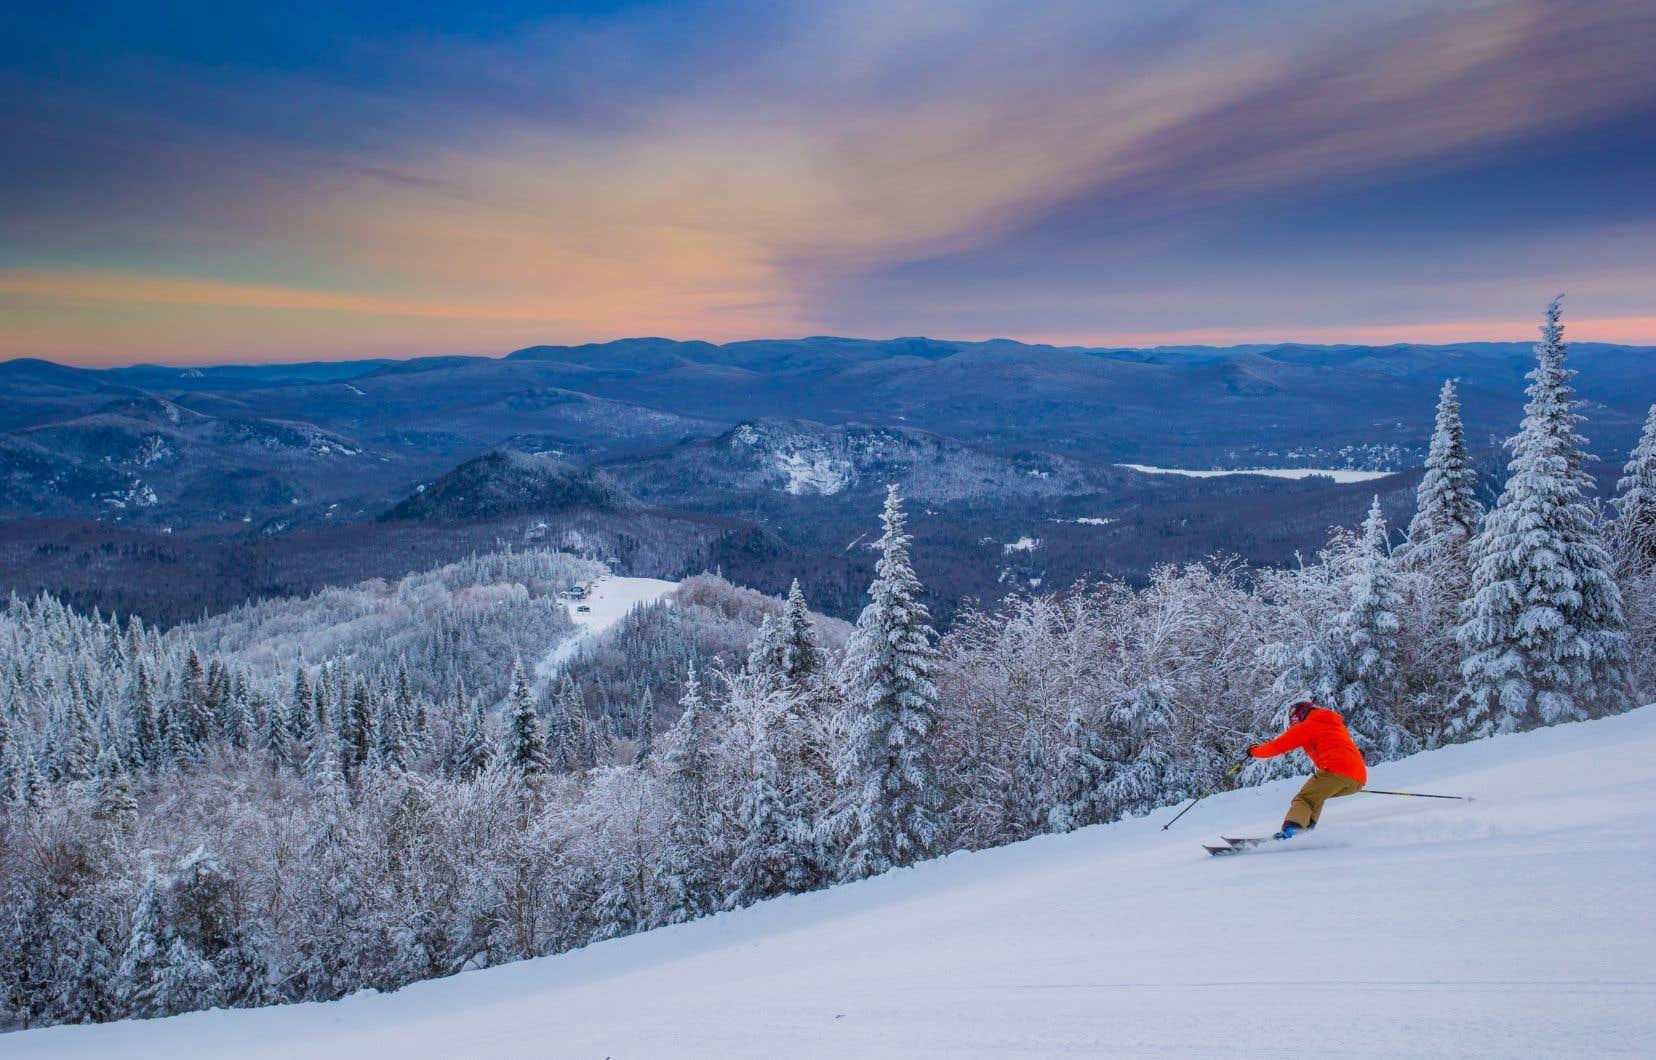 À Tremblant, les skieurs et planchistes sont attendus dès novembre.